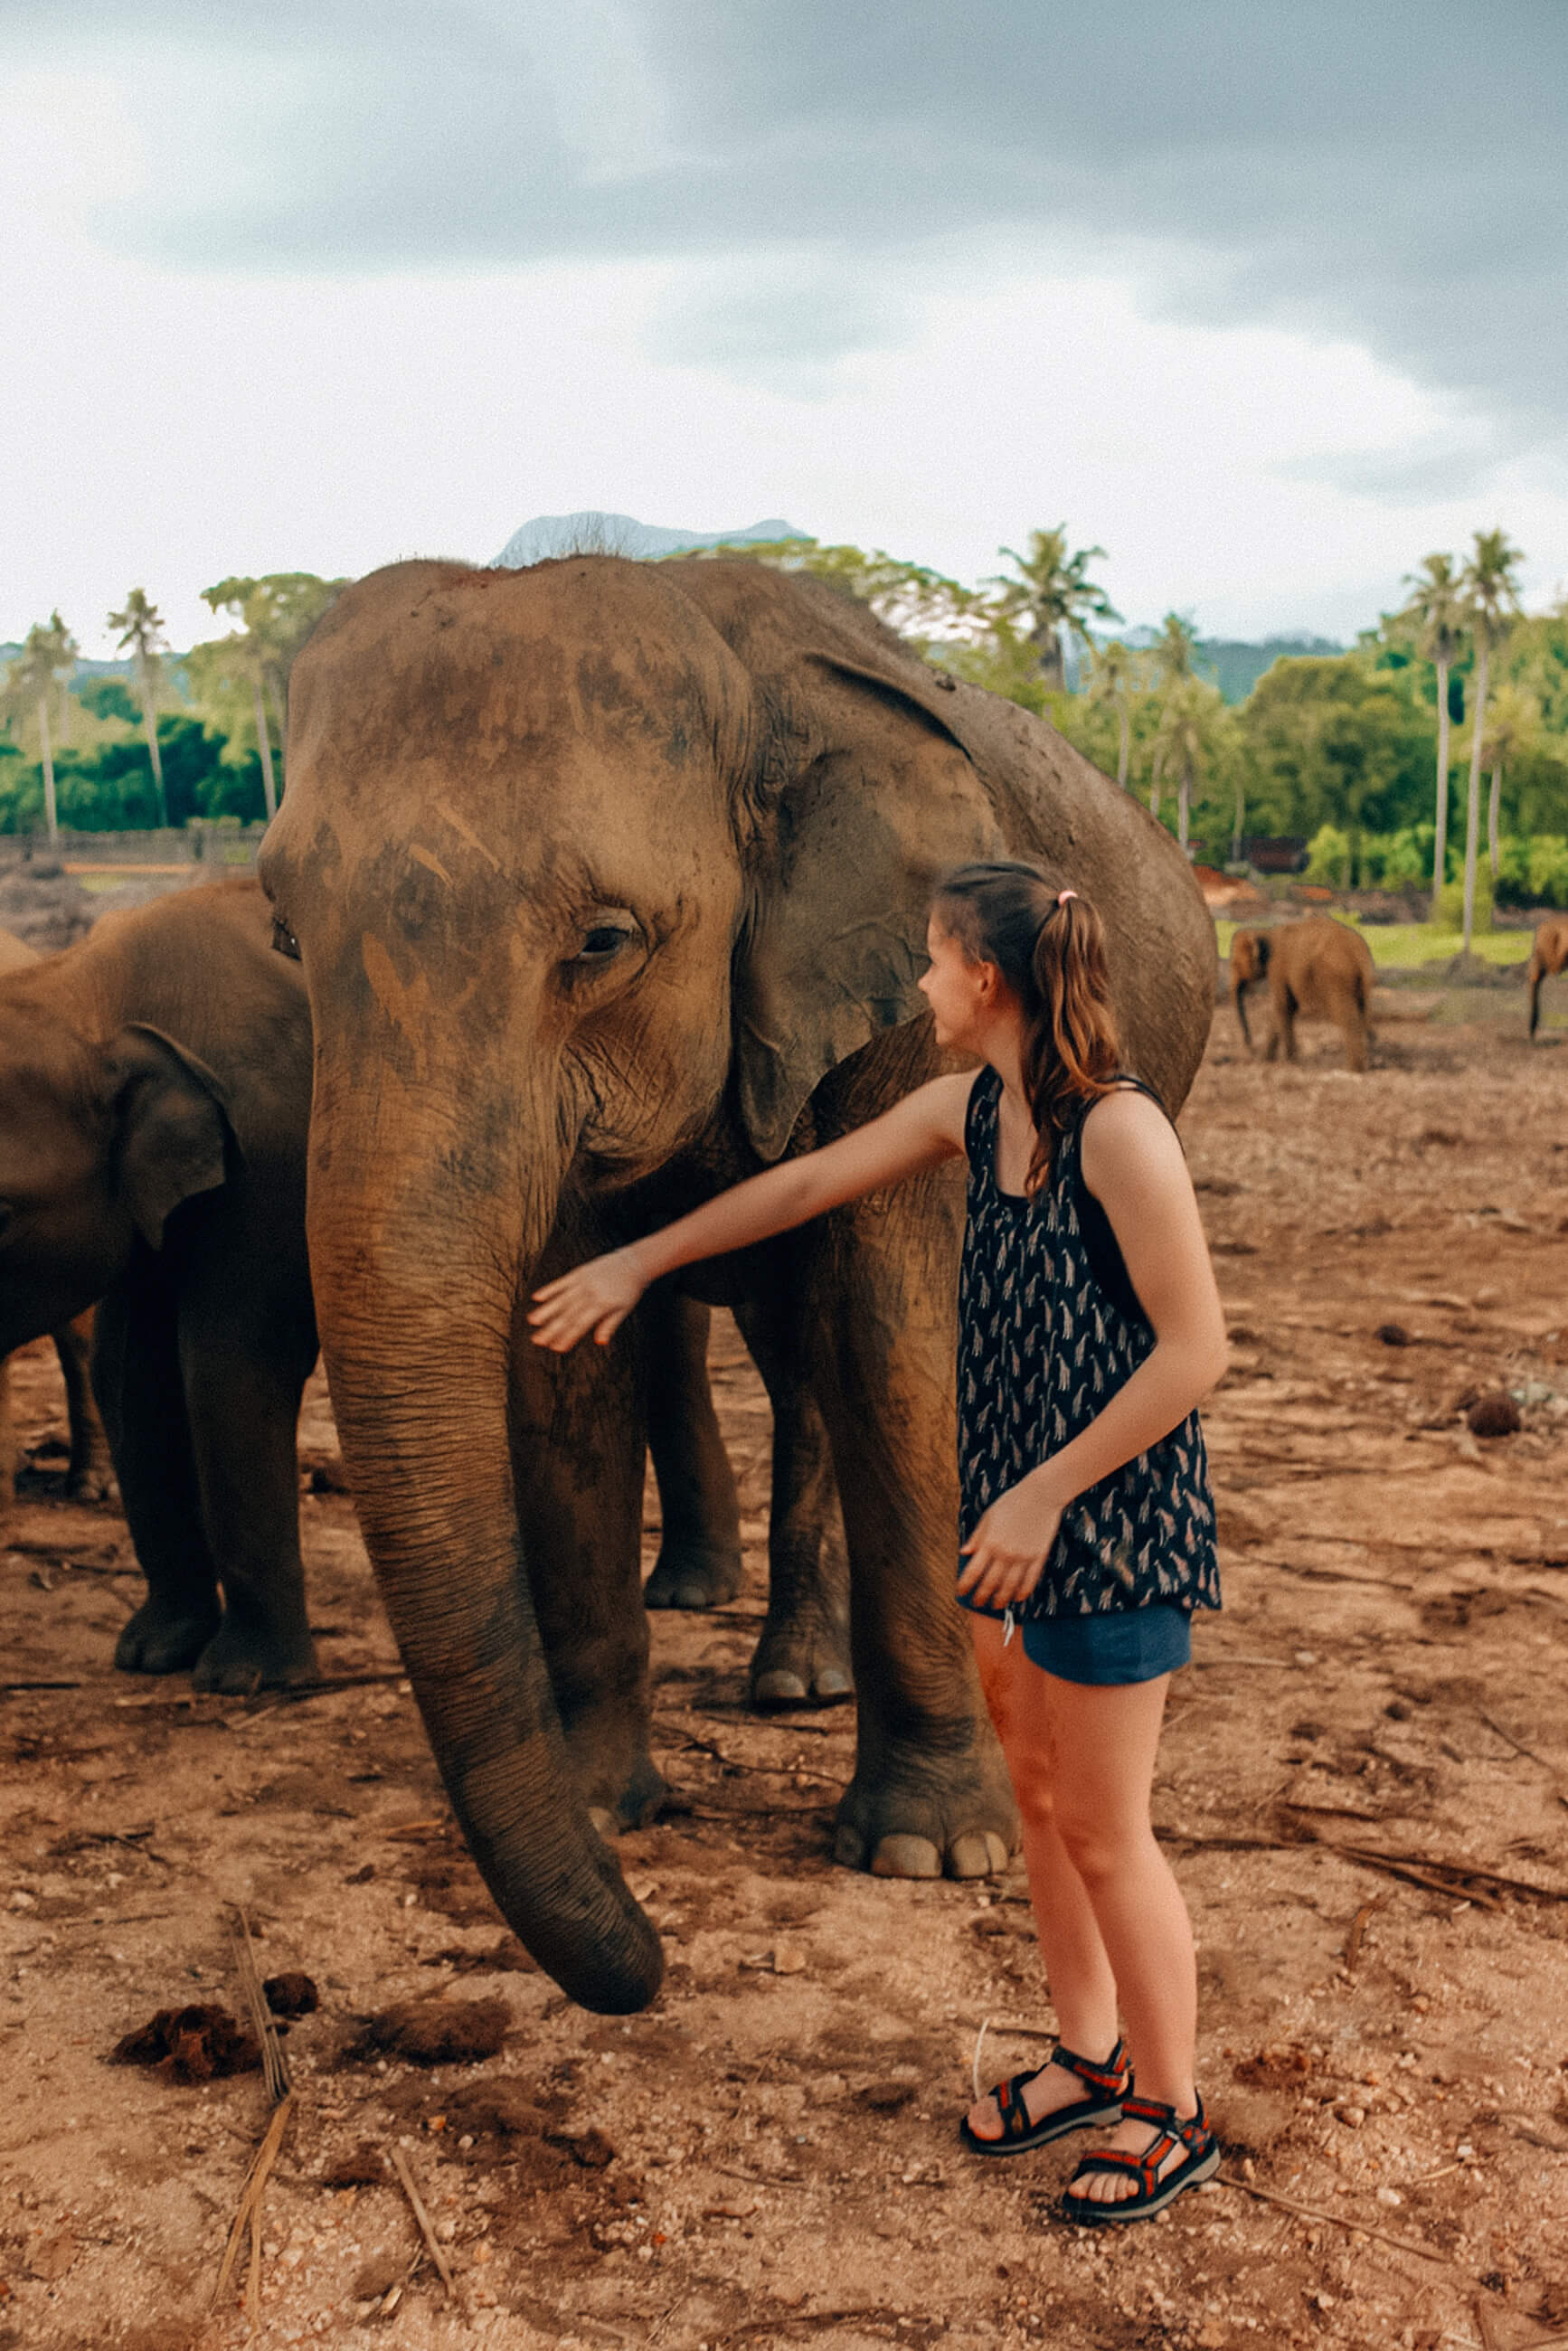 https://bubo.sk/uploads/galleries/7521/srilanka_family_slony-nazivo-su-ovela-uzasnejsie-nez-predpokladate.jpg